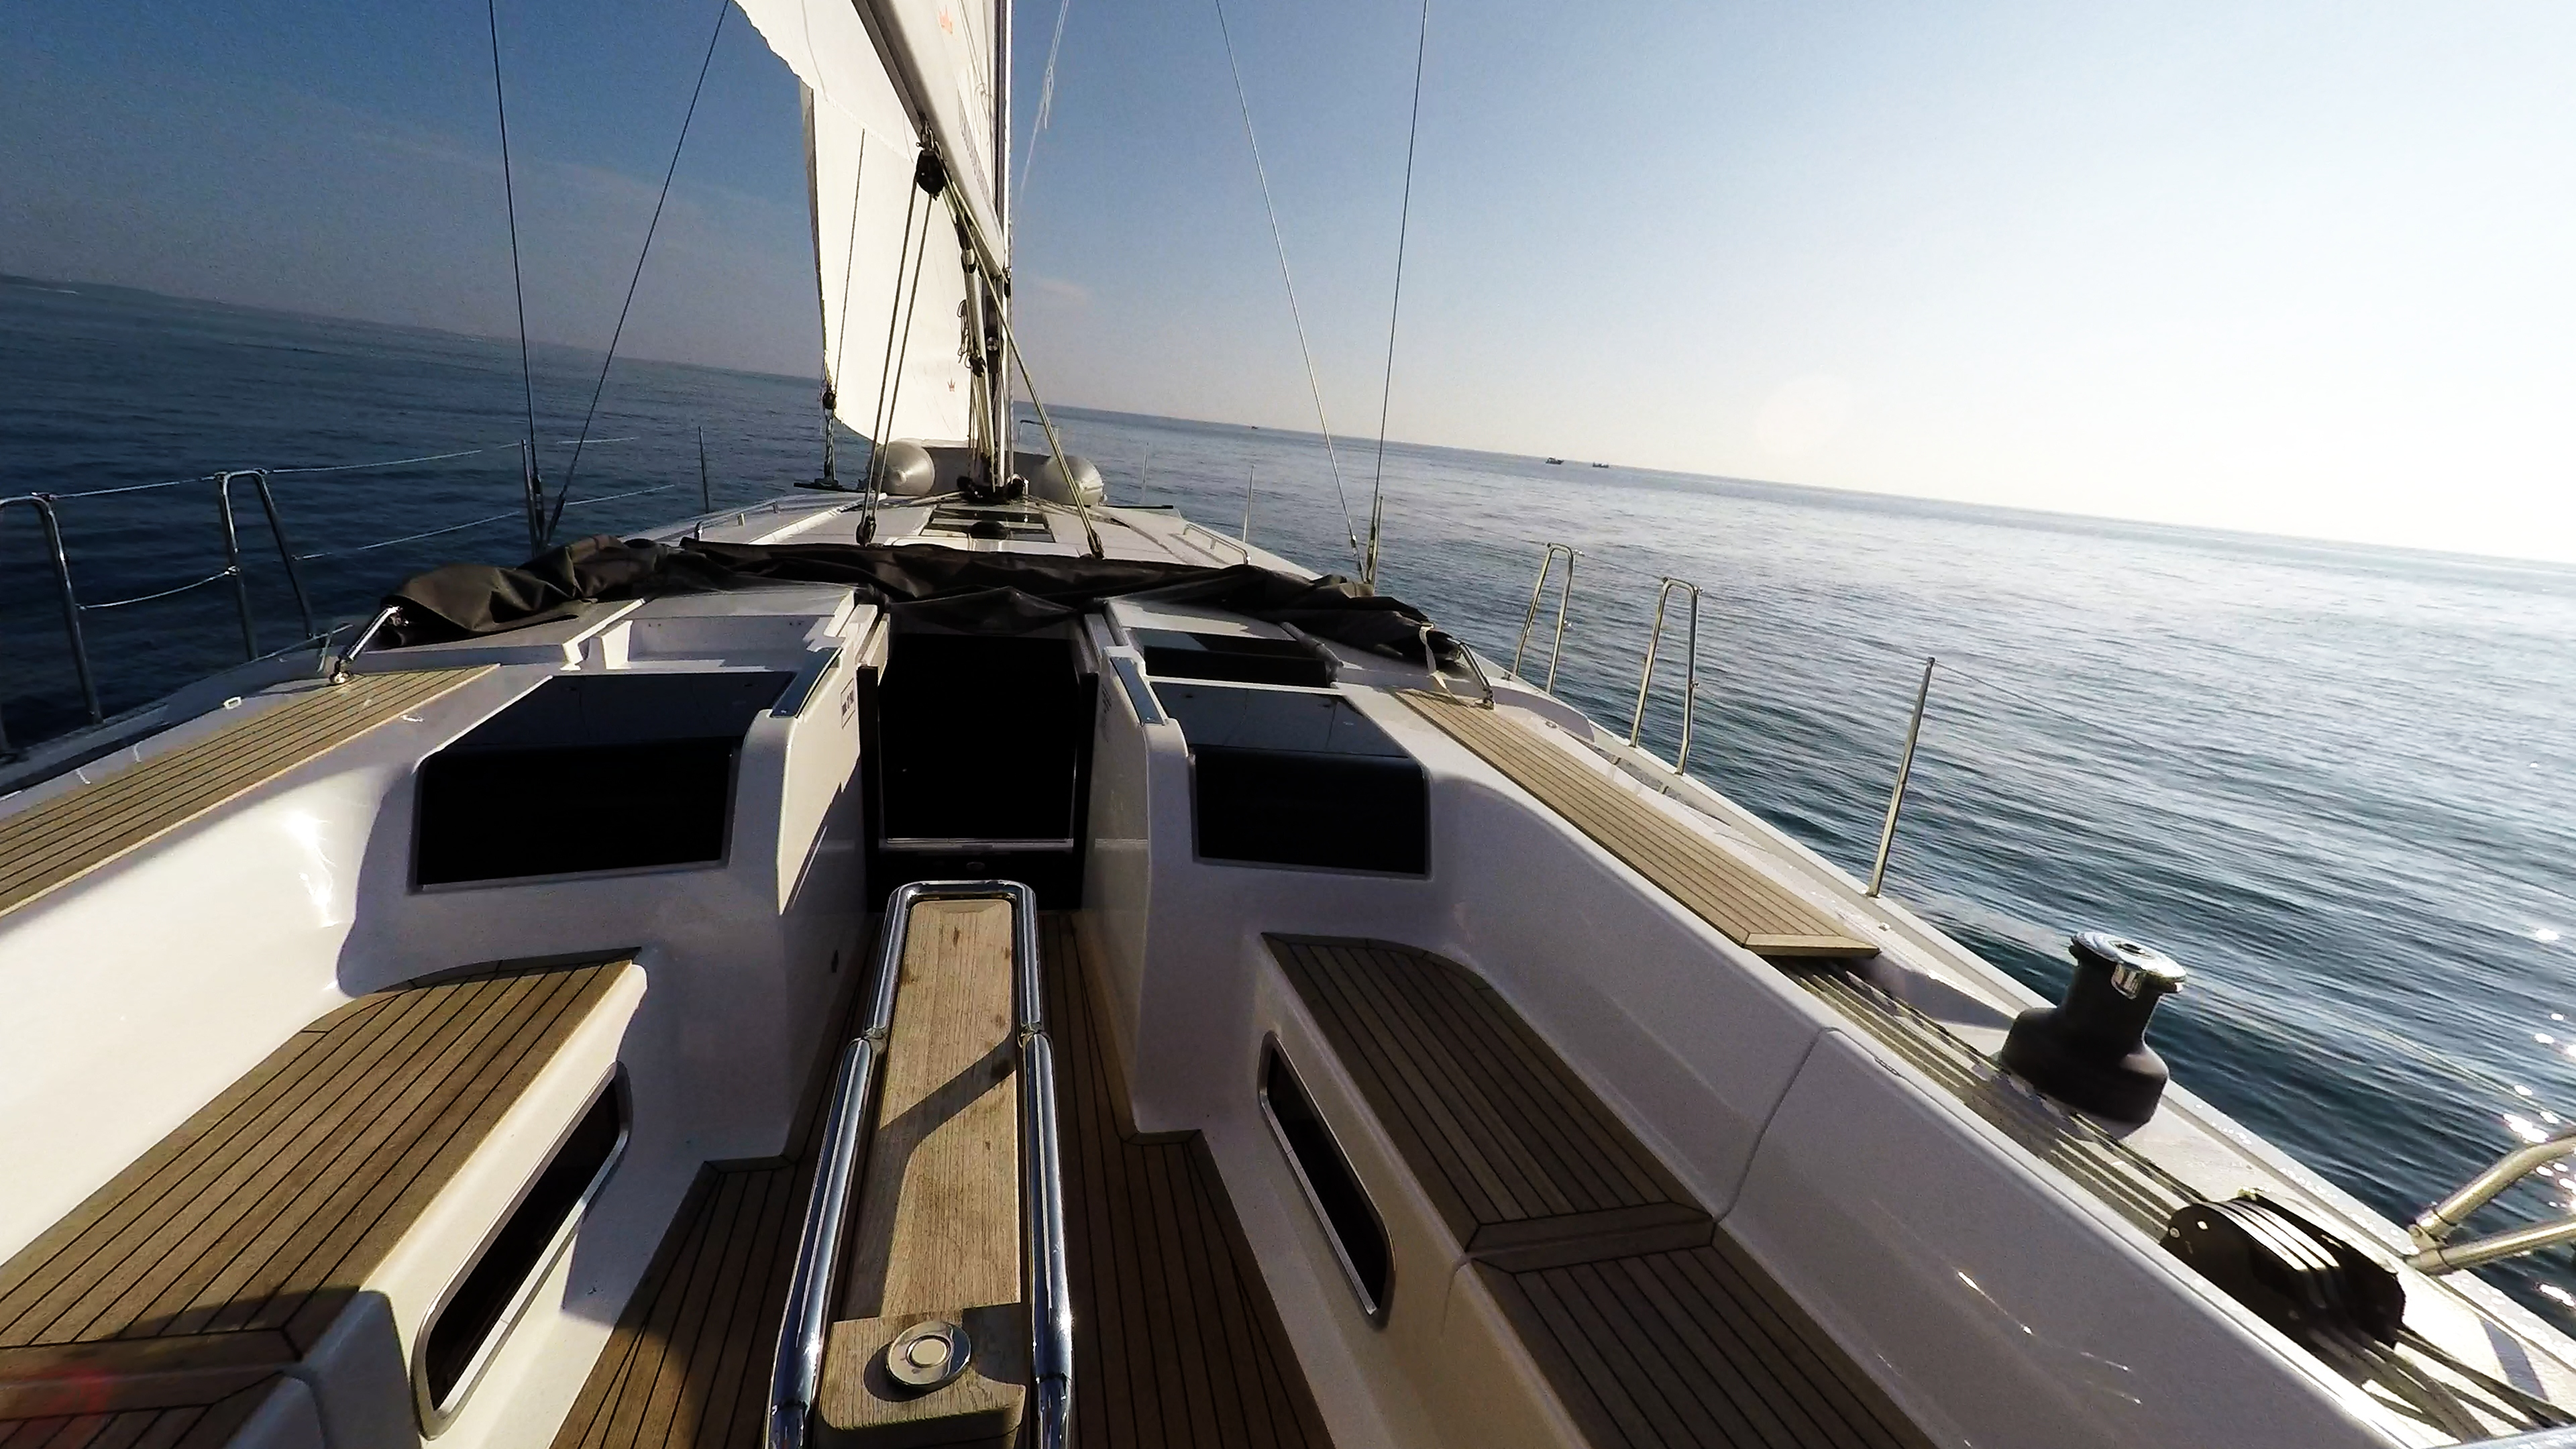 sailing yacht teak cockpit table sailing yacht Hanse 505 boat